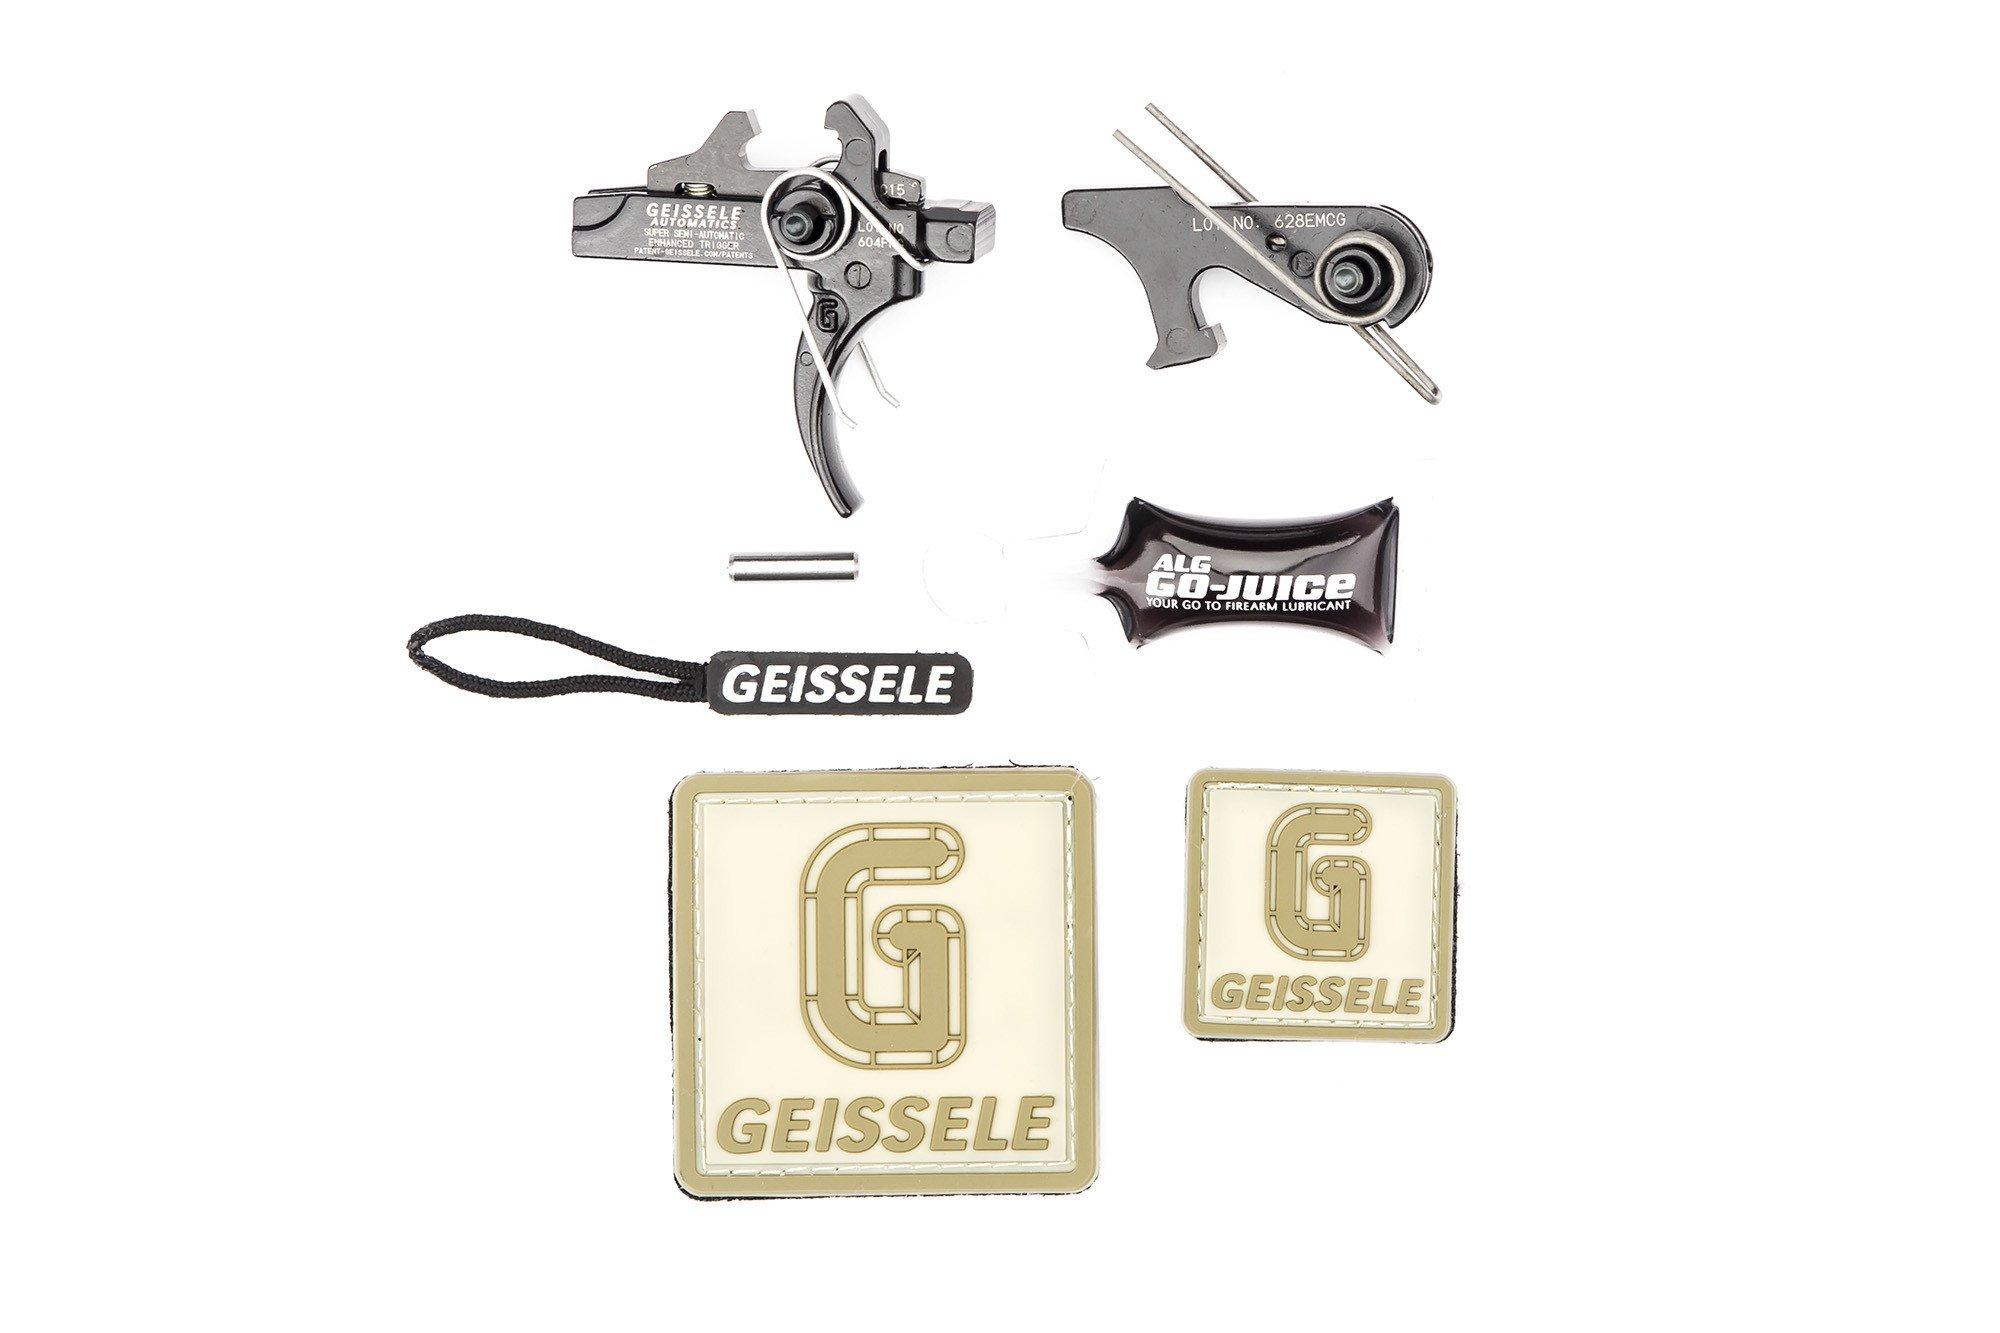 Geissele SSA Enhanced